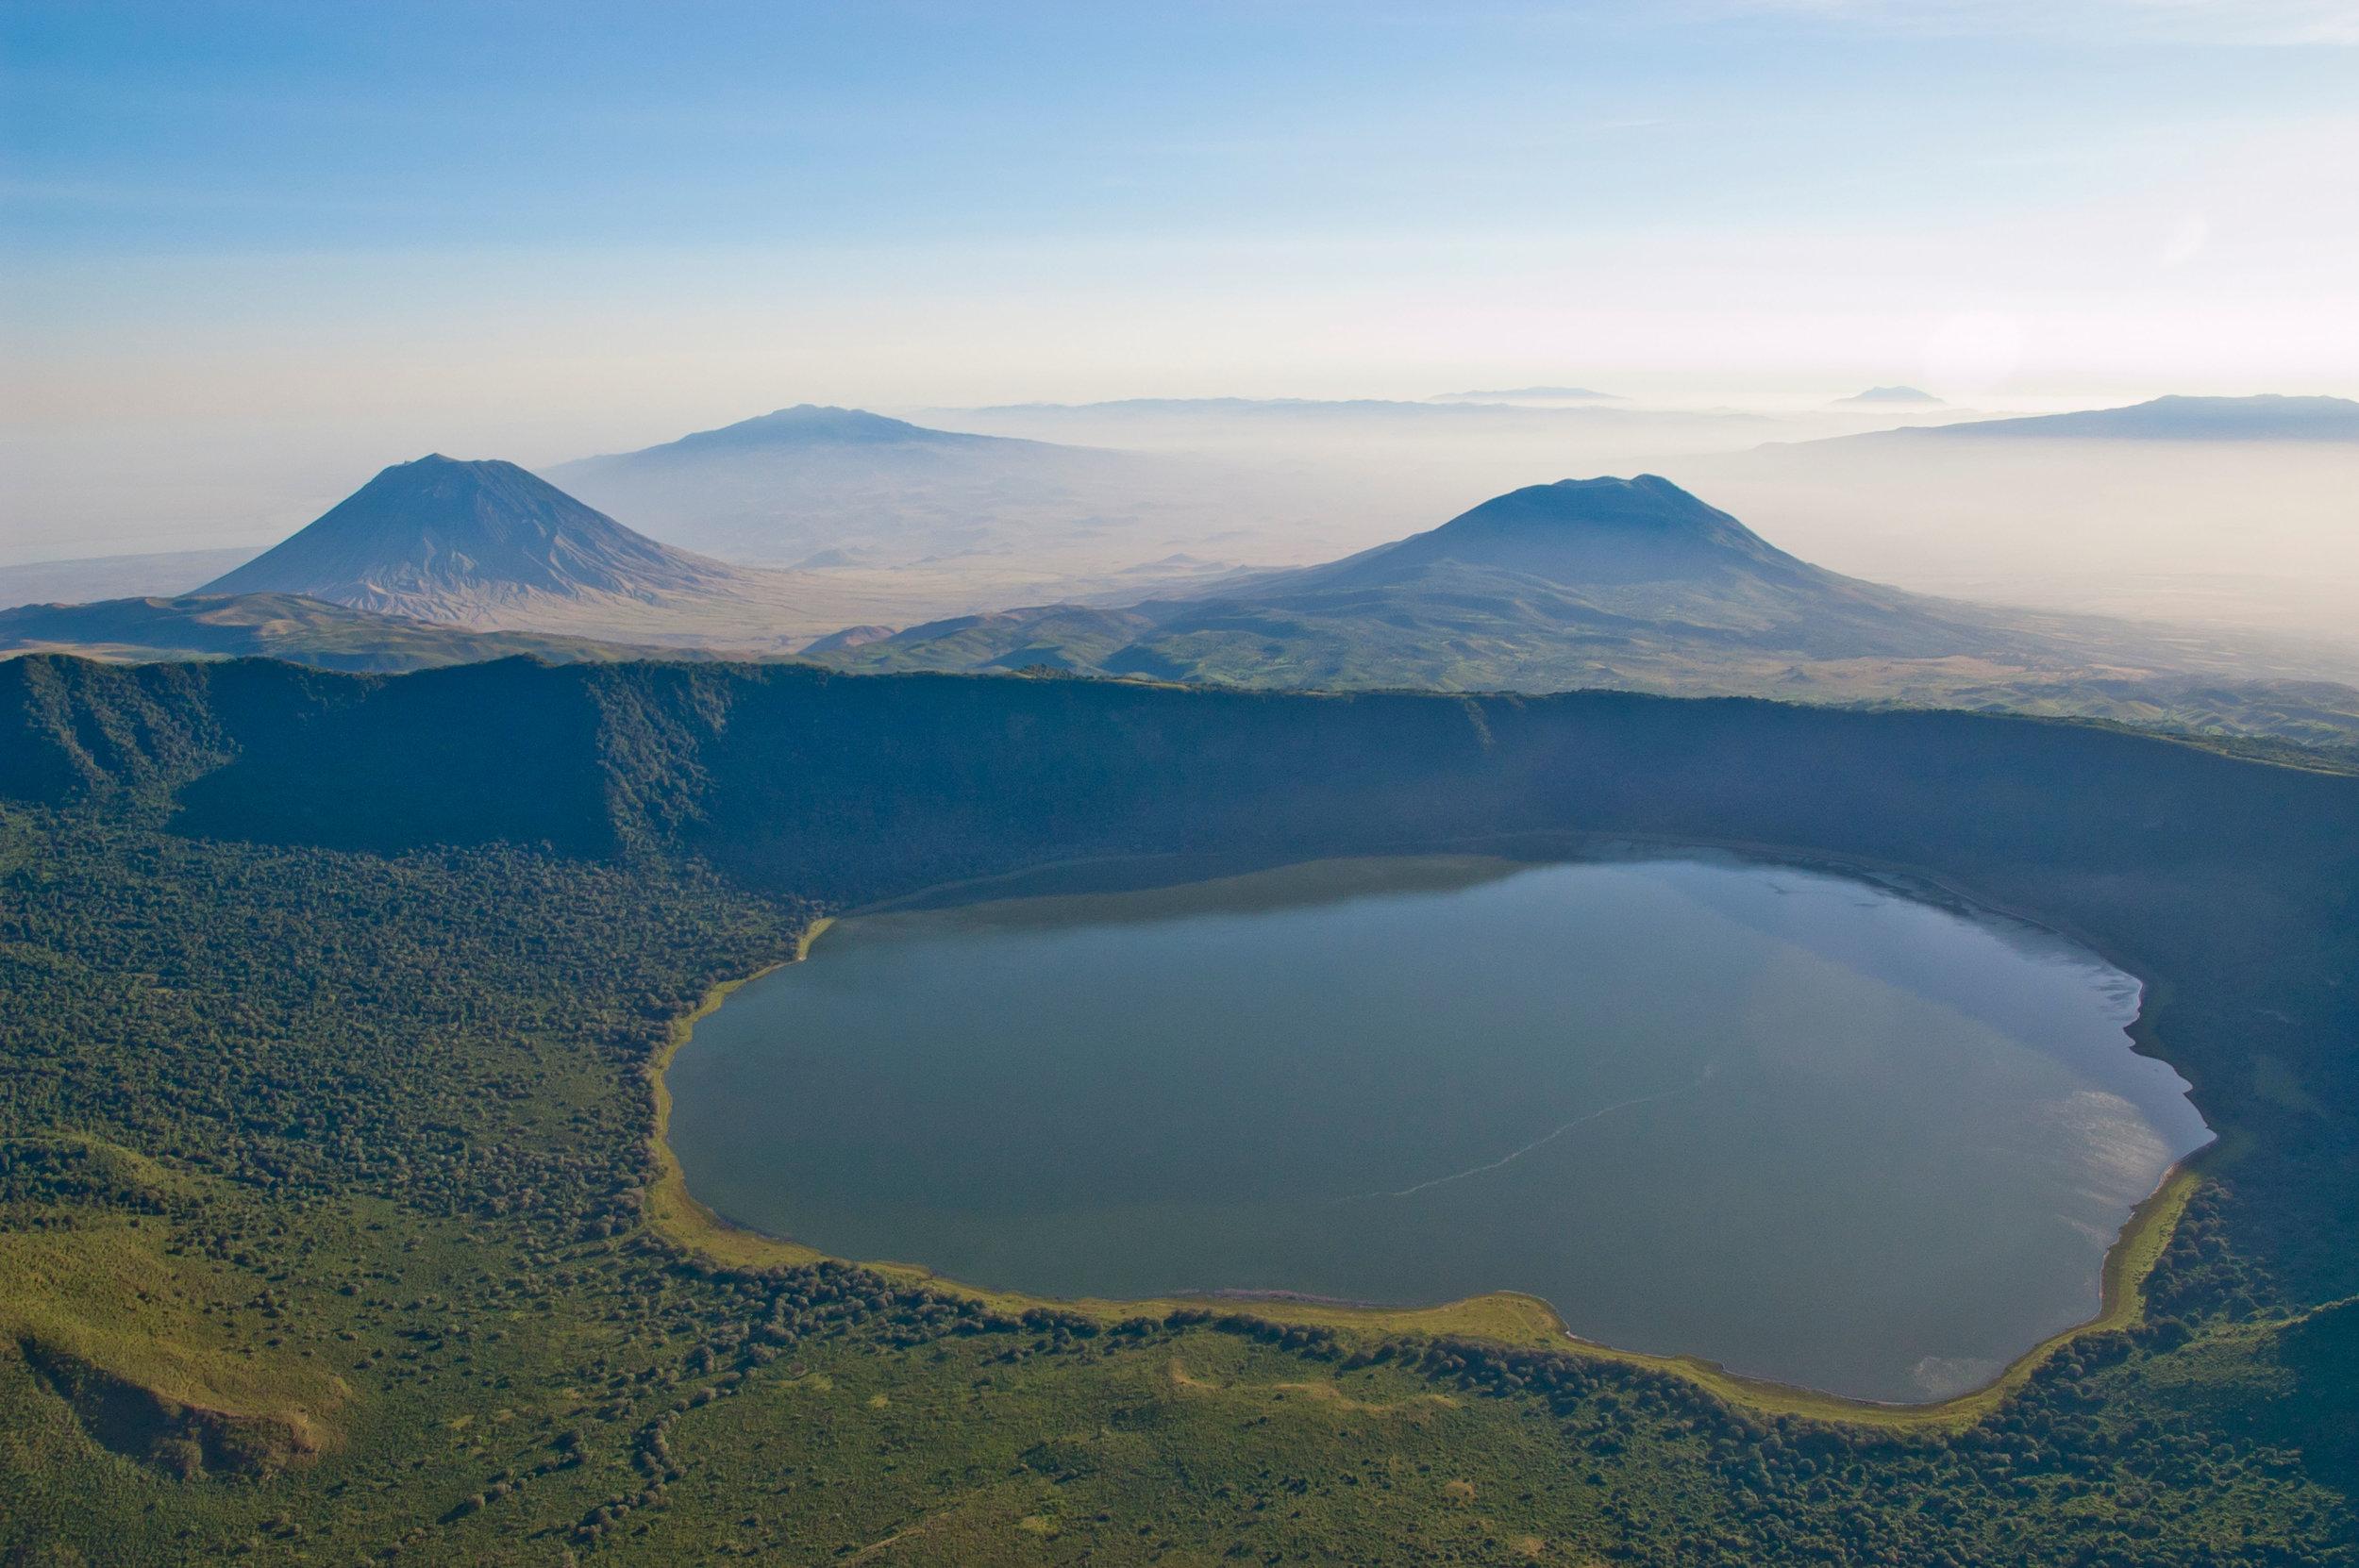 Highlands-Ngorongoro-Empakai-Crater-HR.jpg